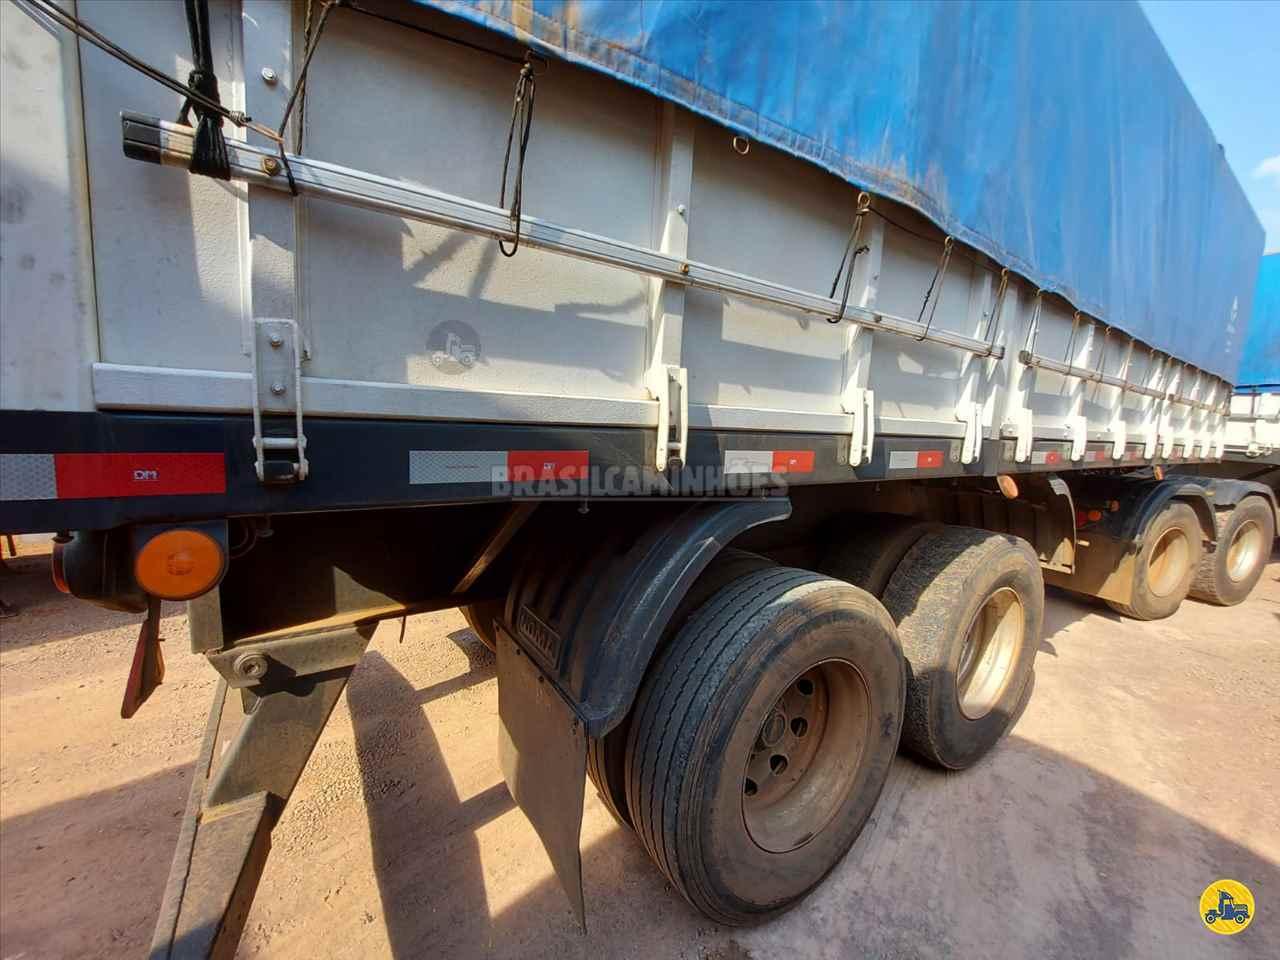 CARRETA BITREM GRANELEIRO Brasil Caminhões Sinop SINOP MATO GROSSO MT